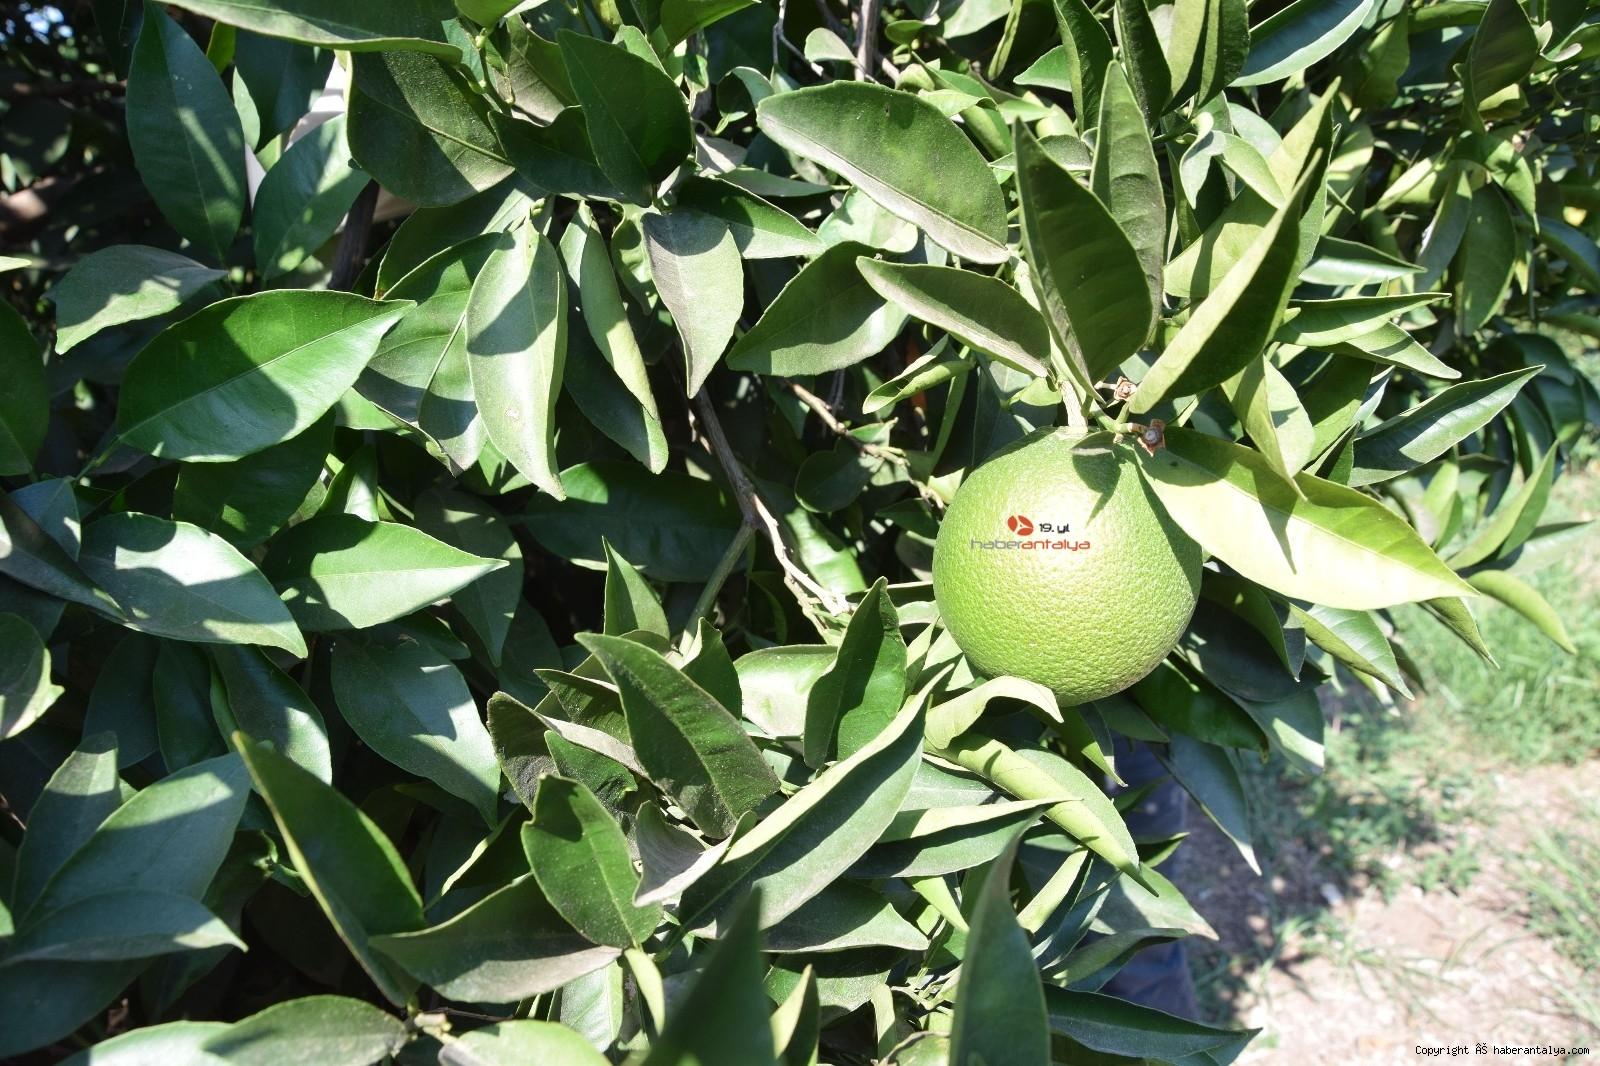 2021/09/akdeniz-meyve-sineginin-vurdugu-portakallar-denetim-altinda--20210914AW41-2.jpg